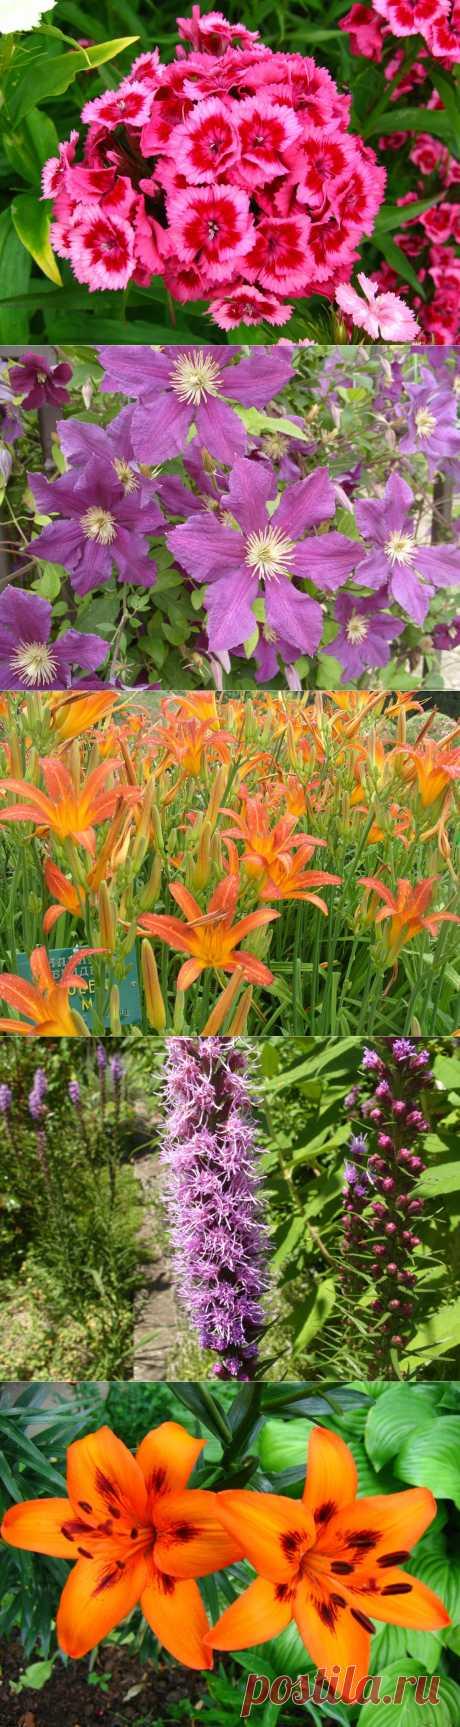 10 растений, цветущих в июне.  Идёт прекрасный месяц июнь, ничуть не уступающий предыдущему маю по красоте цветущих в нем растений. Среди них прима-цветников — роза, король лиан — клематис, помпезный, напыщенный красавец пион, импозантный люпин, умопомрачительный эремурус и многие другие растения, перечисление которых заняло бы целую страницу, но мы решили отобрать всего 10 цветочных лидеров, которые все чаще и чаще встречаются у нас на дачах и именно их сорта мы каждый год ищем в продаже.